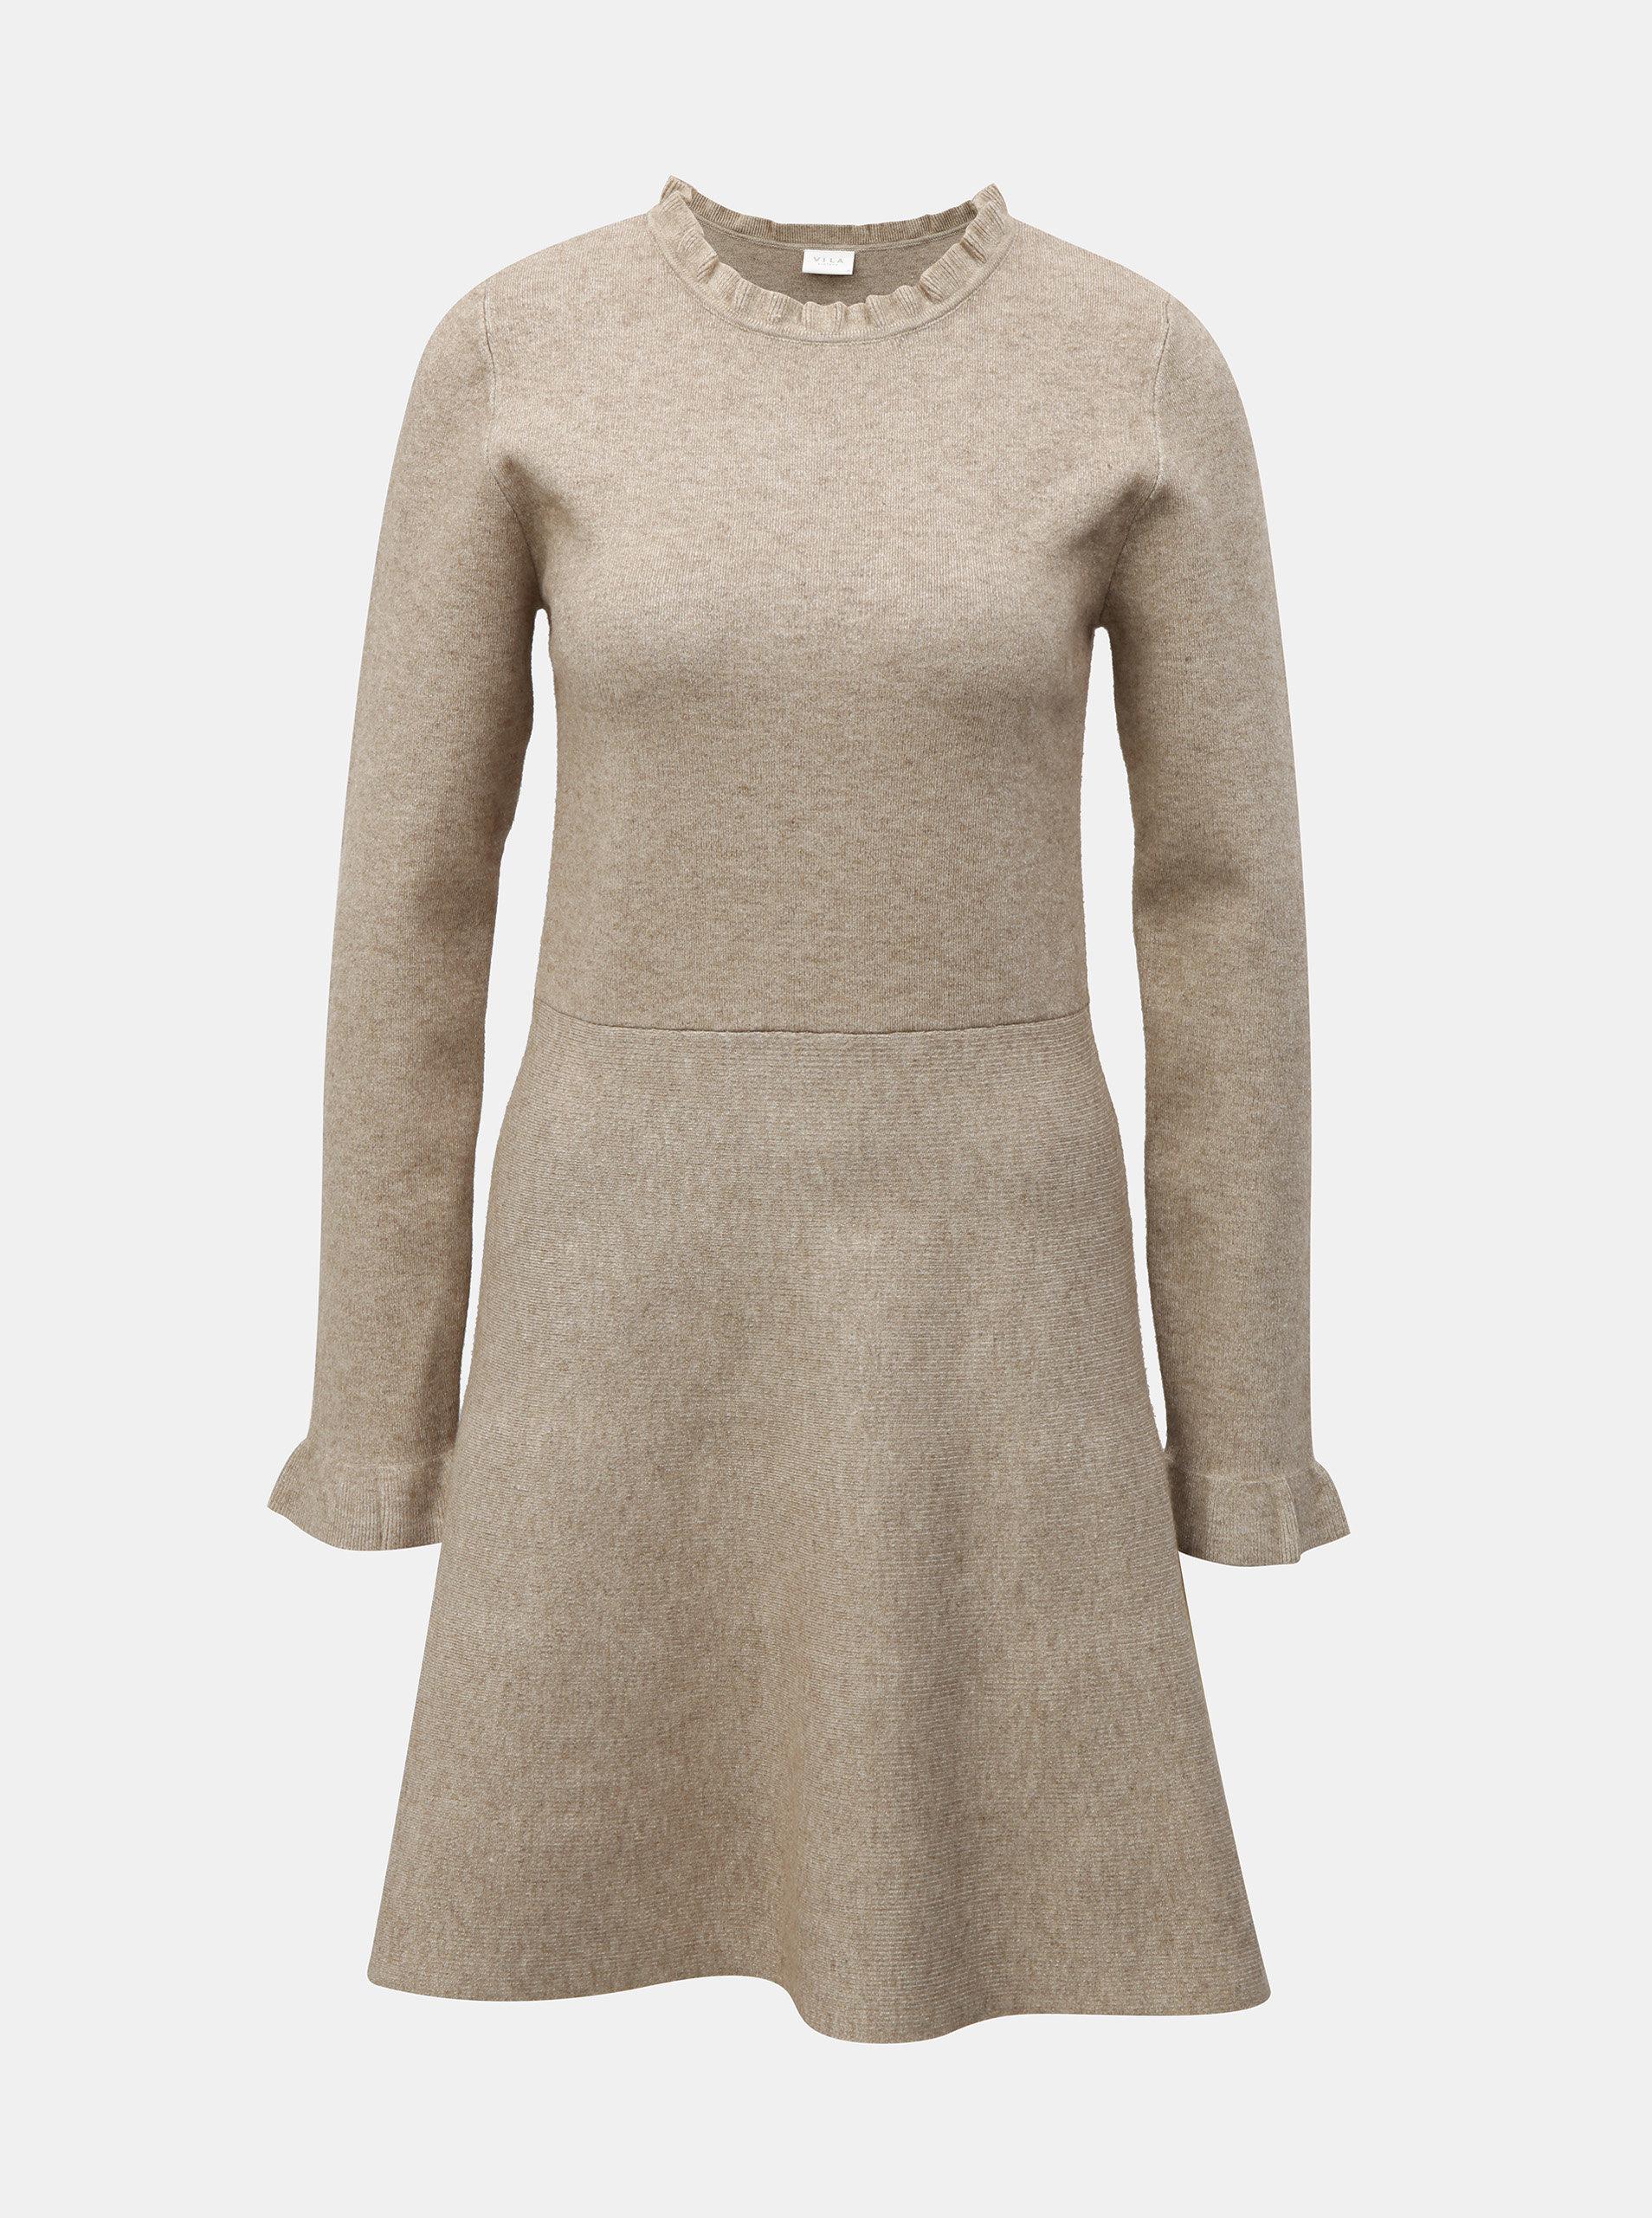 Béžové svetrové šaty s dlouhým rukávem VILA Livnia ... 118390fa09